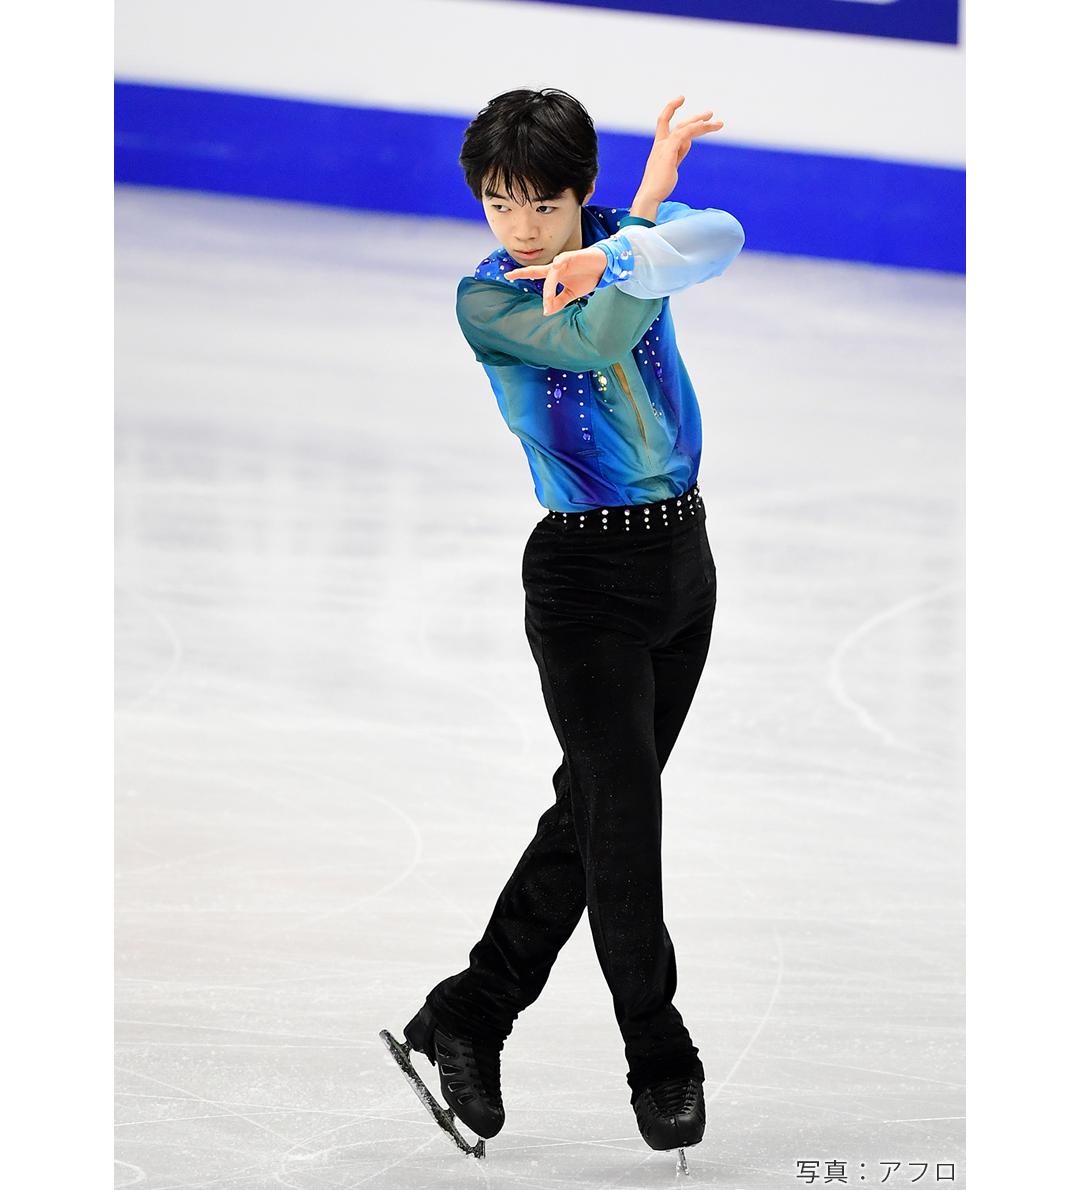 2020年フィギュアスケート四大陸選手権に出場した鍵山優真選手